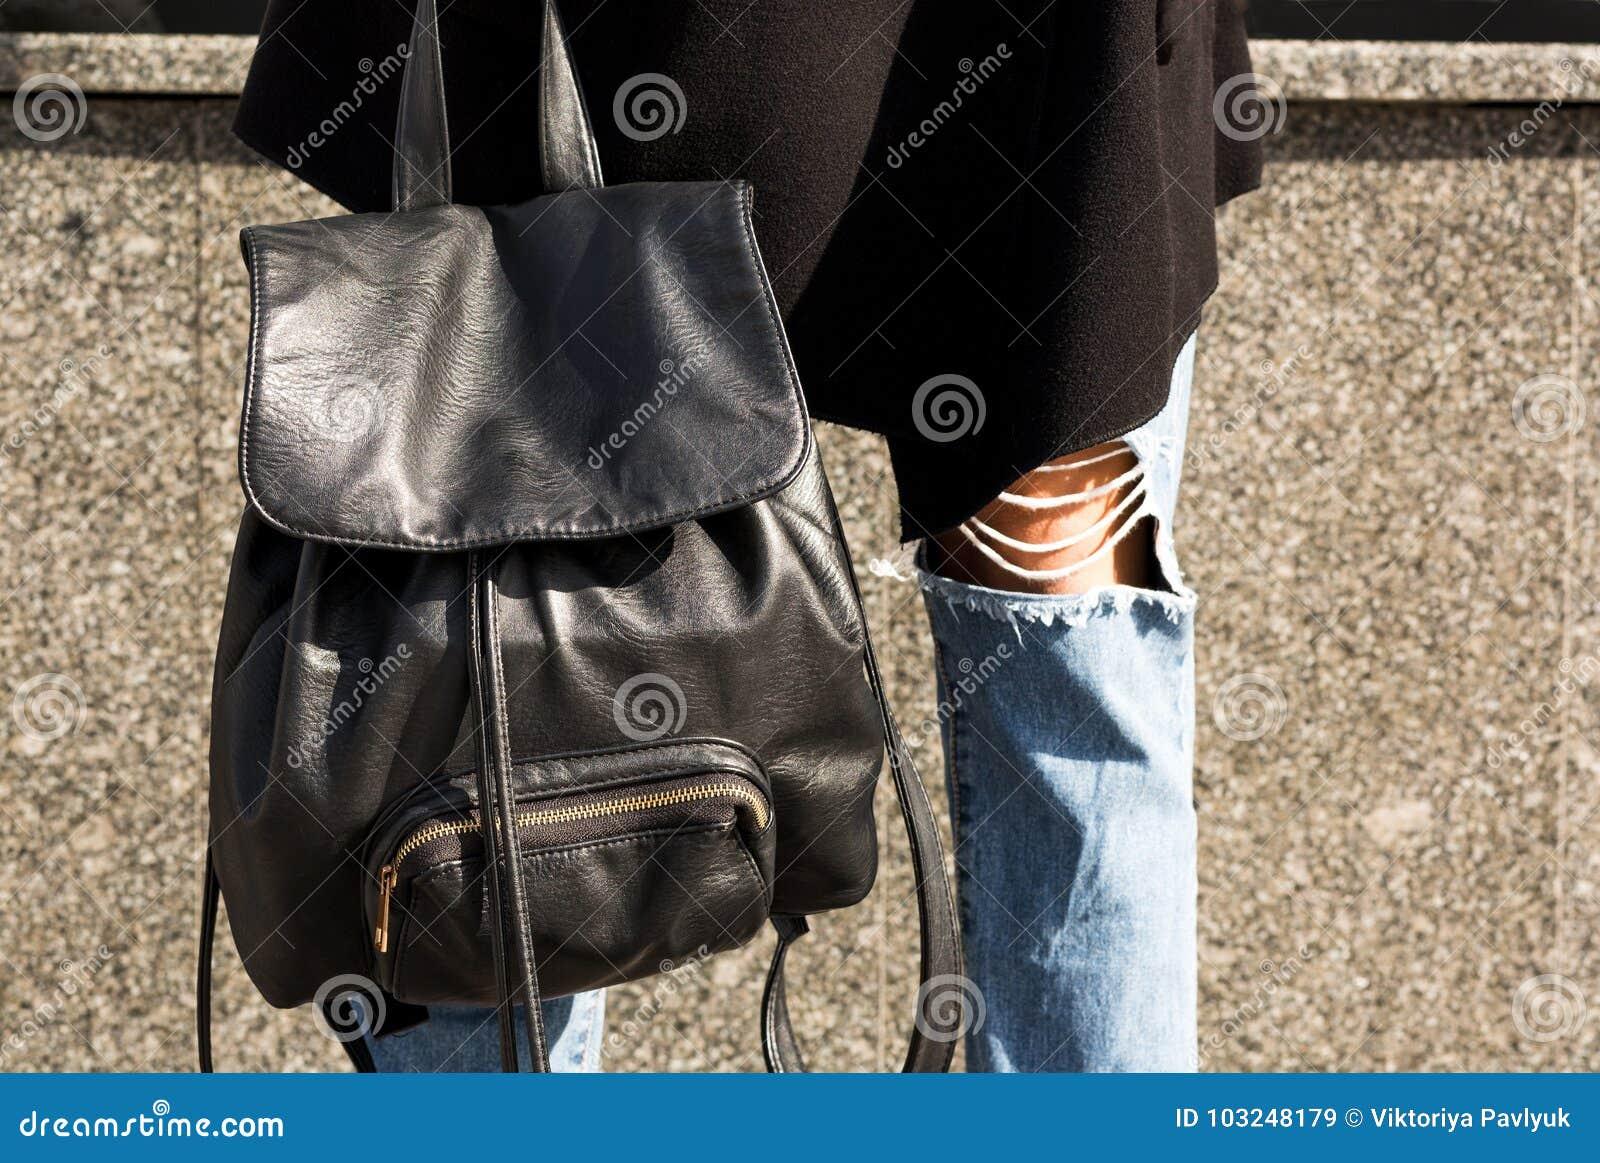 mochil ade la carrera de la mujer contenido